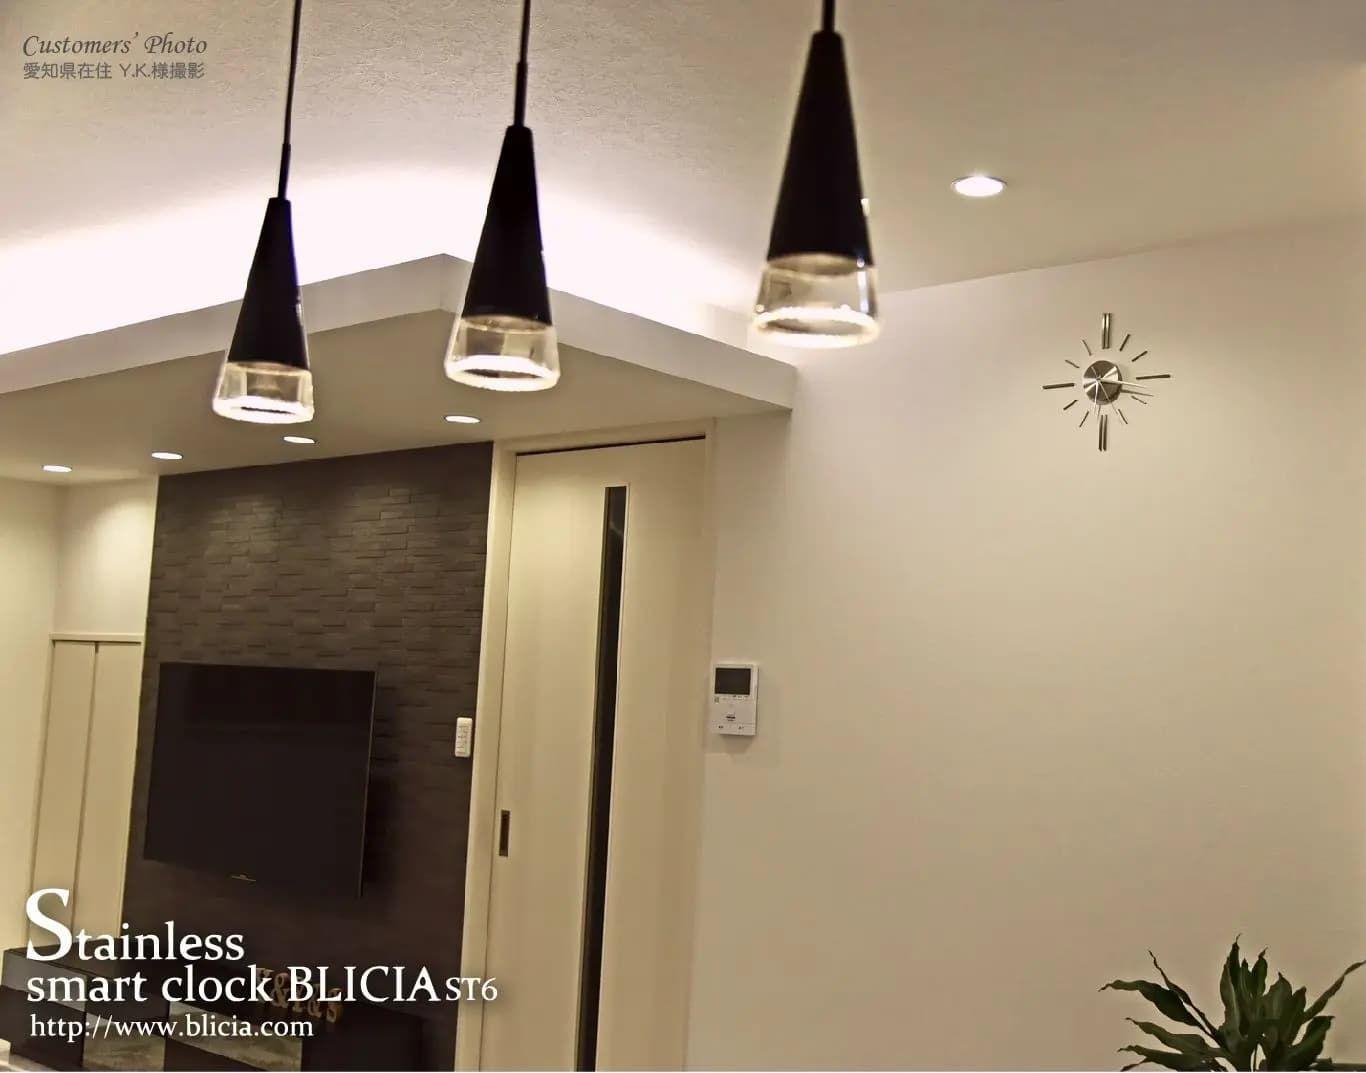 壁掛け時計 高級 デザイナーズ BLICIA 画像1